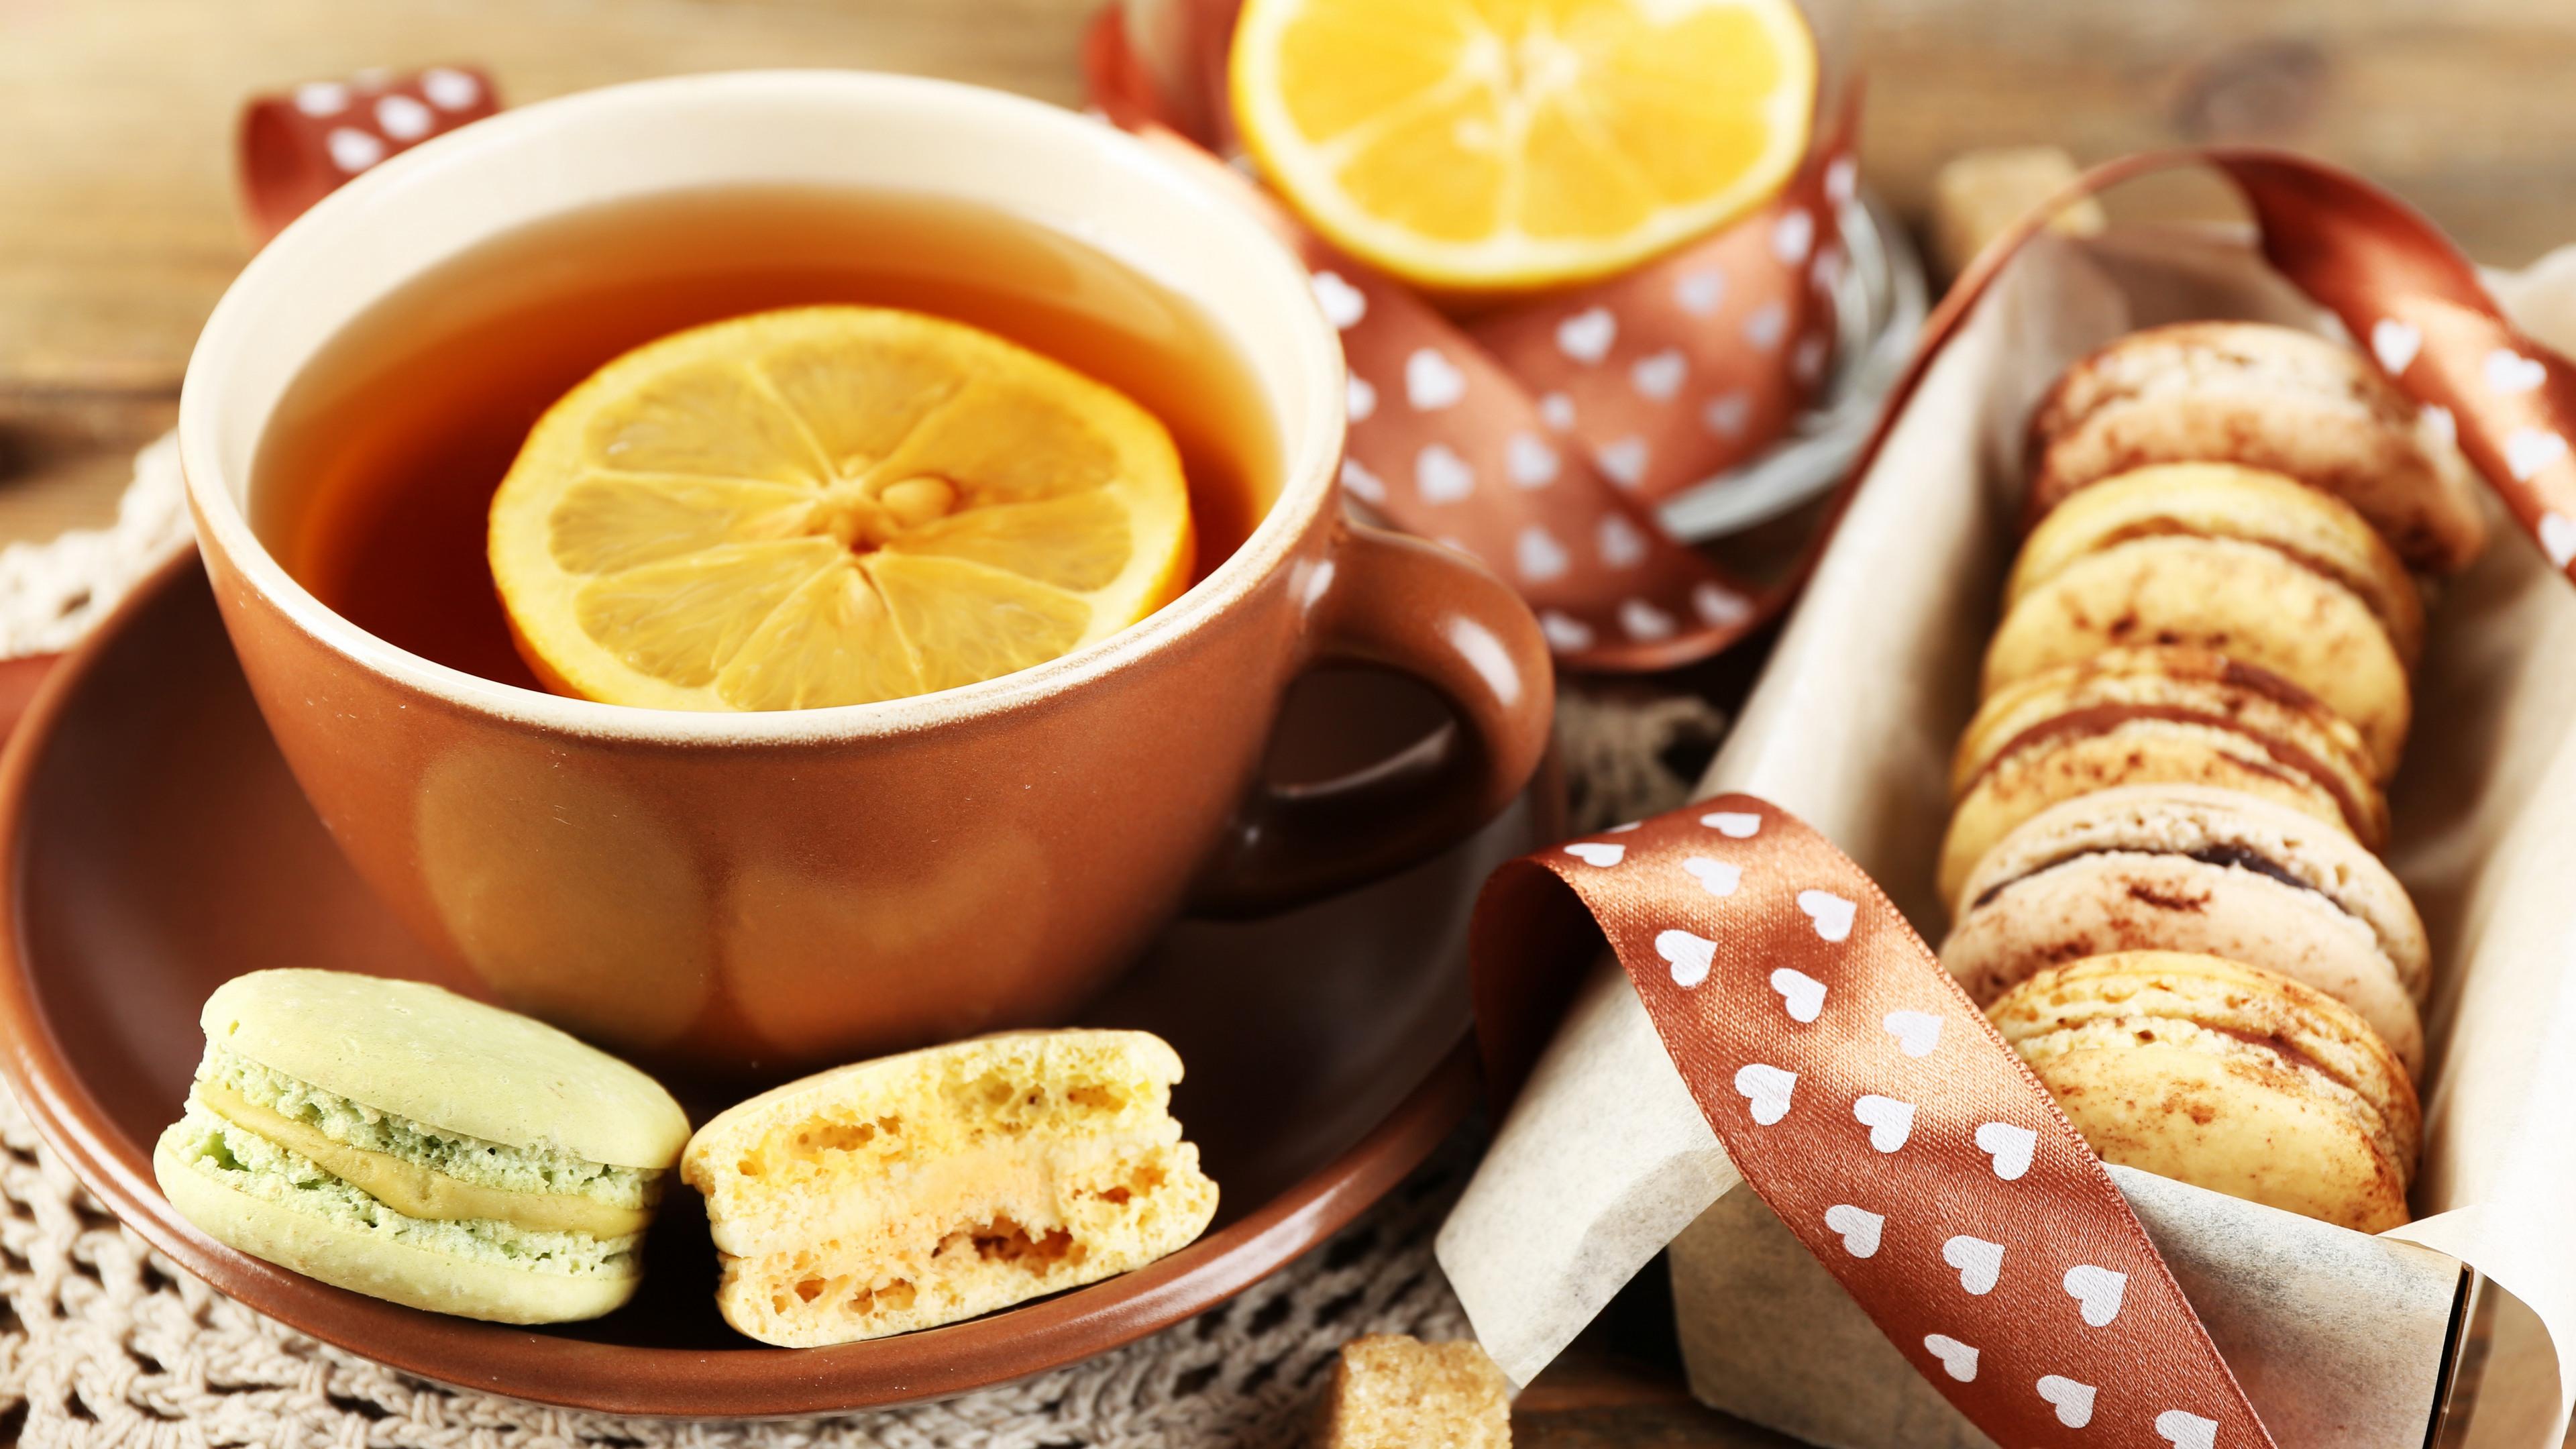 Открытке, к чаю картинки красивые